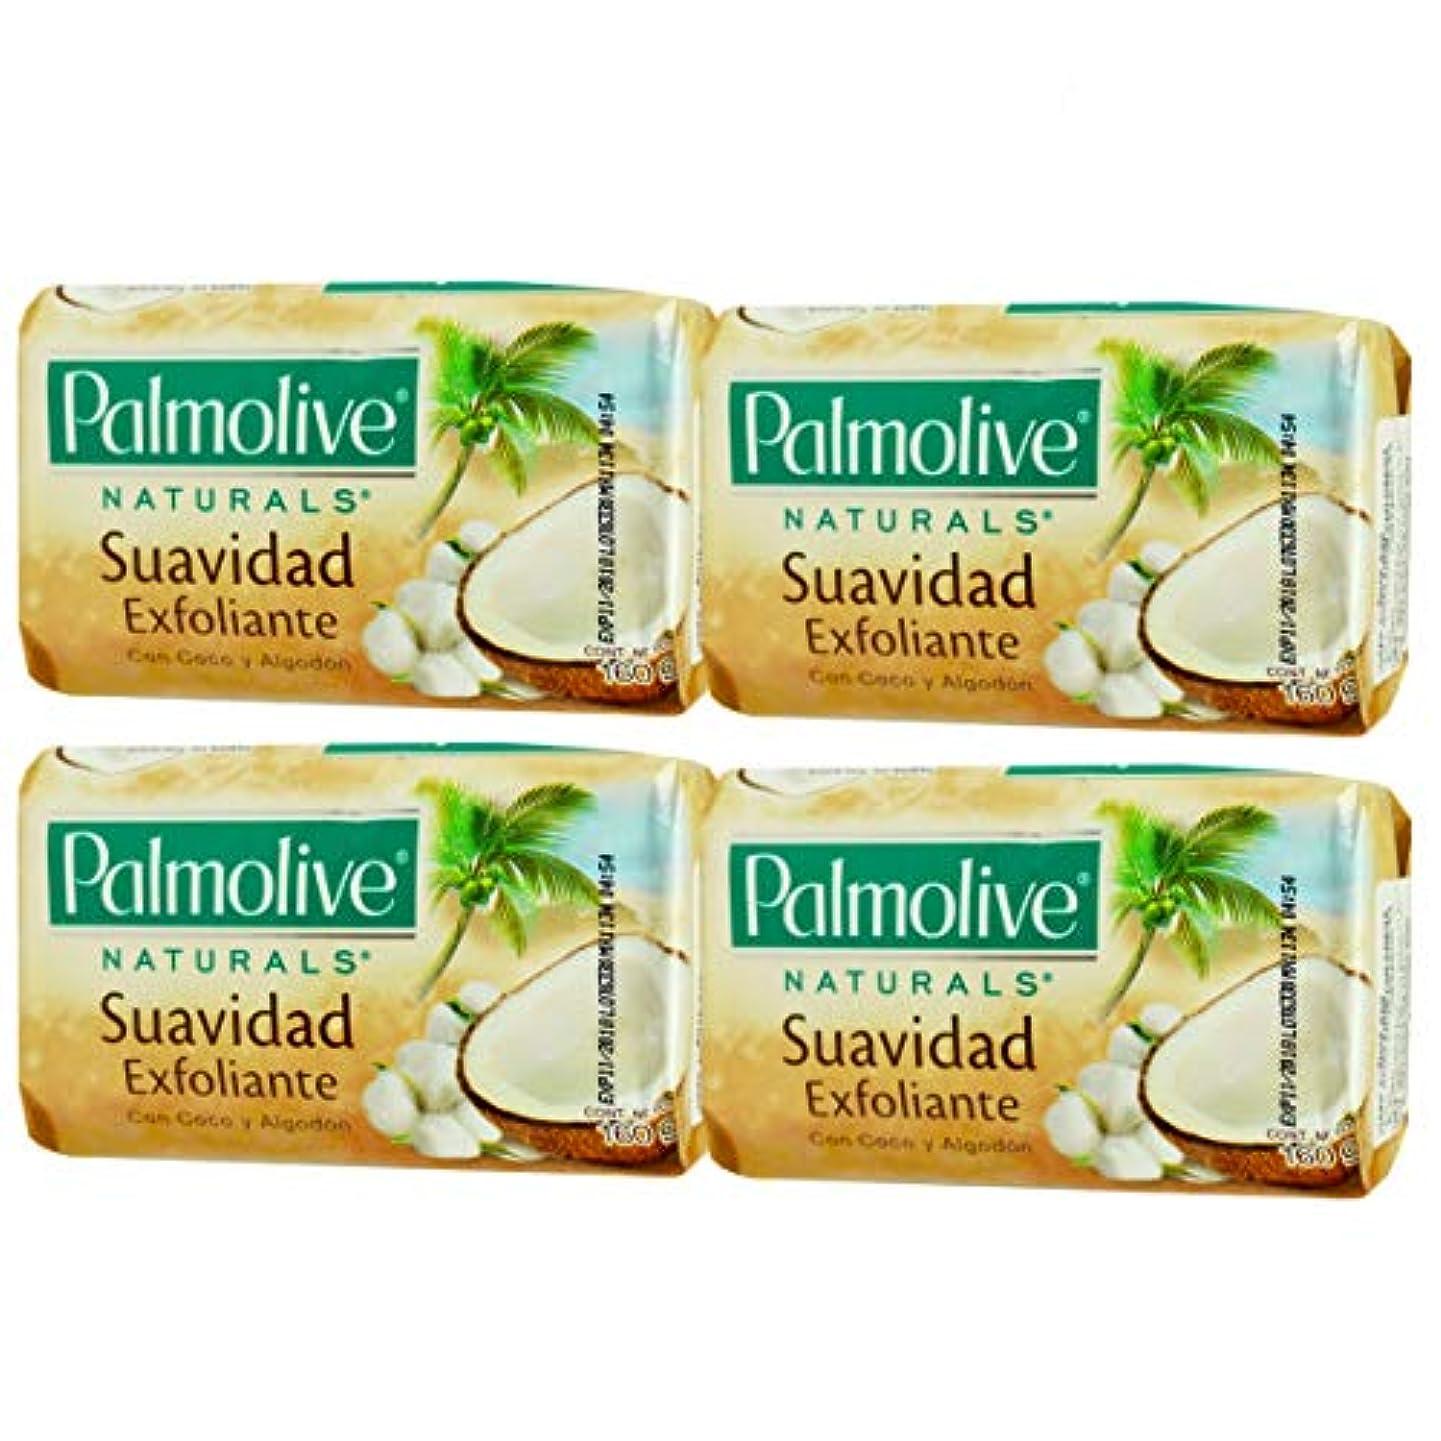 今後正気たっぷりPalmolive ナチュラルズココY Algodonソープココナッツと綿160Gパック4